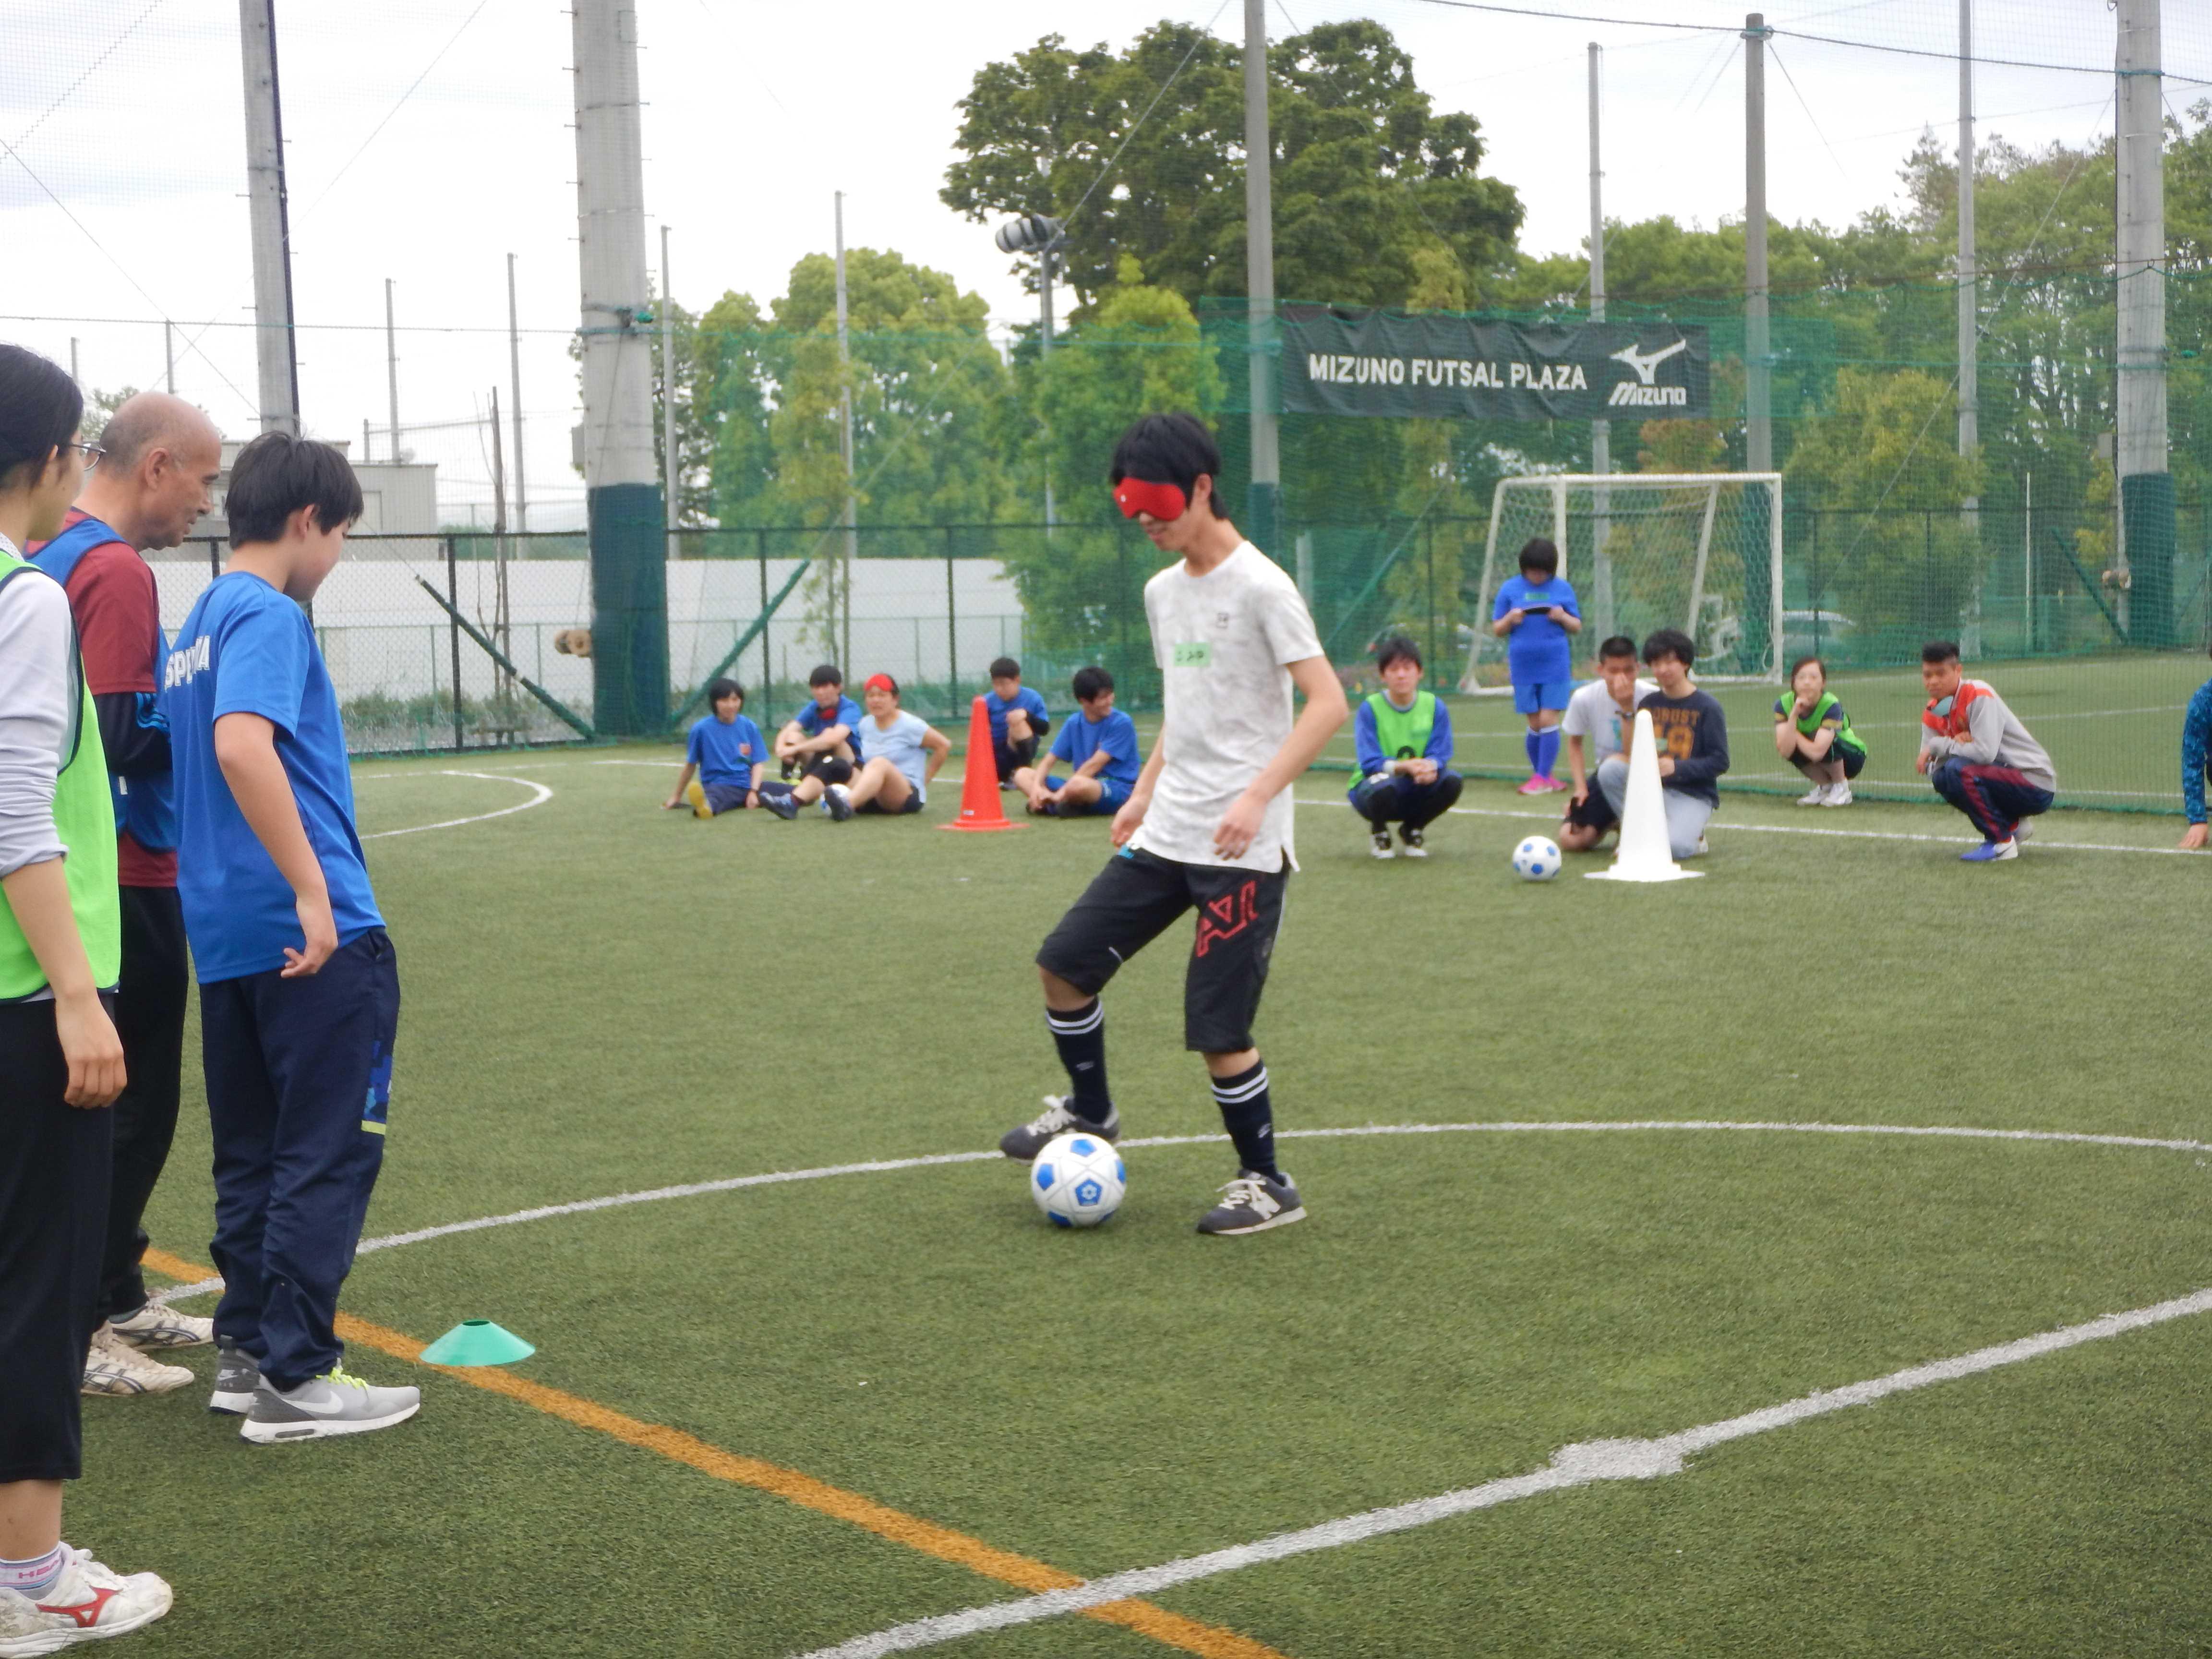 DSCN4708 R - 「みんなで☆サッカー」を終了しました。